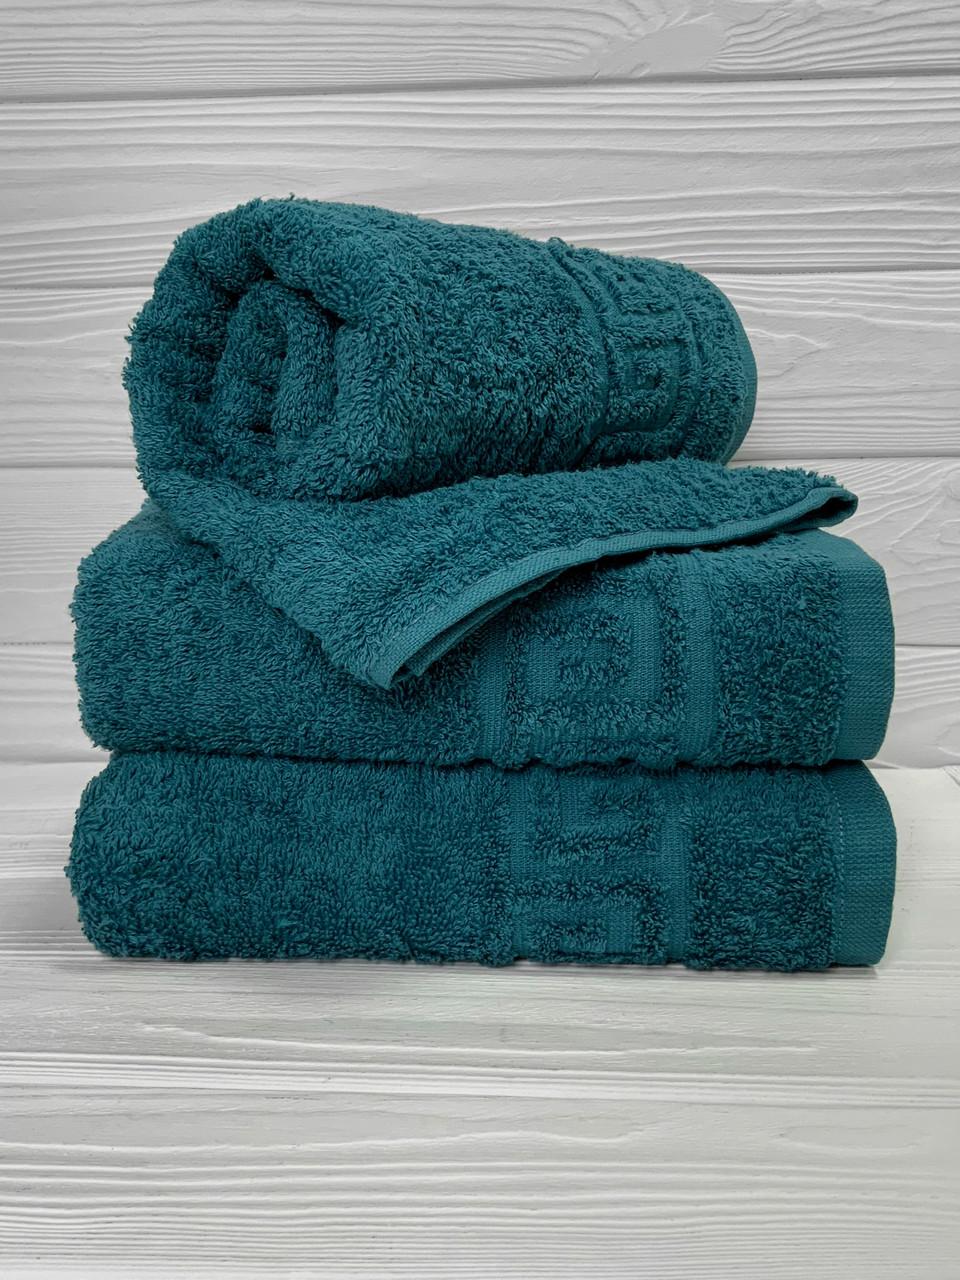 Махровое полотенце для рук, Туркменистан, 430 гр\м2, морская волна, 40*70 см